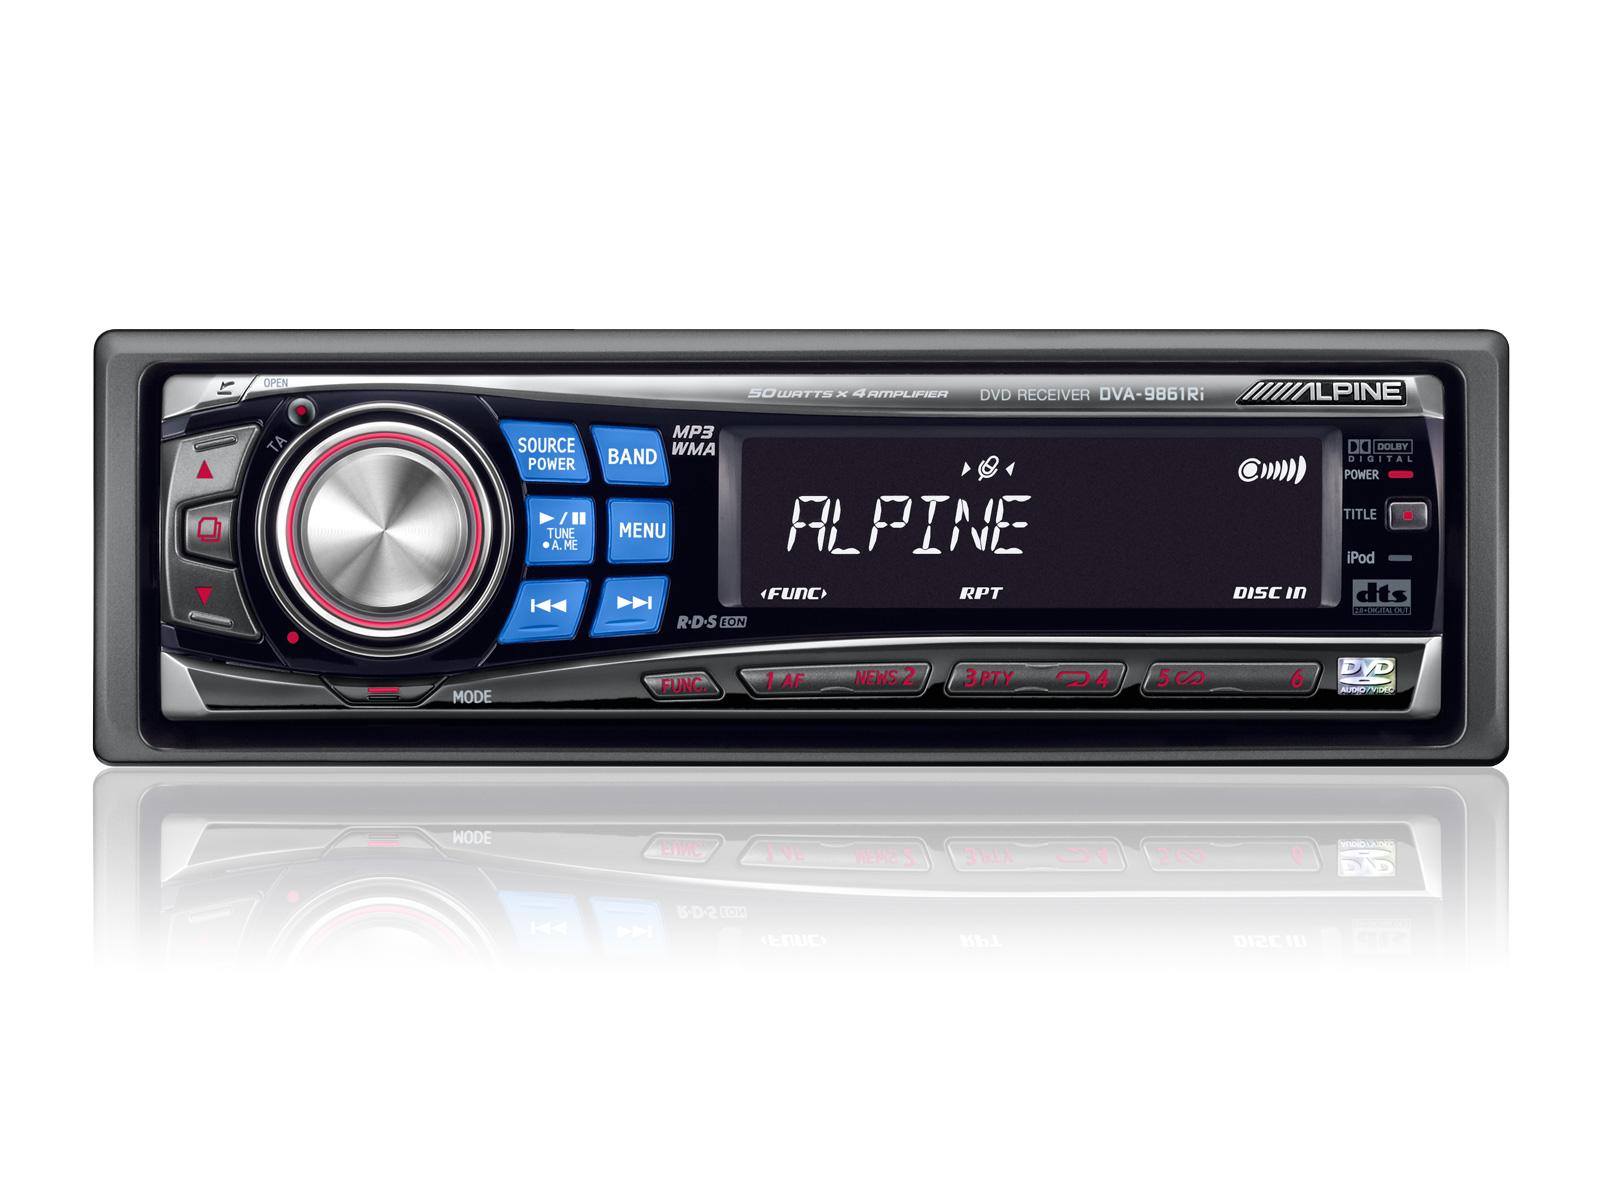 dvd cd mp3 wma receiver alpine dva 9861ri rh alpine co uk Phone 317 513 9851 Acer Aspire 5750 9851